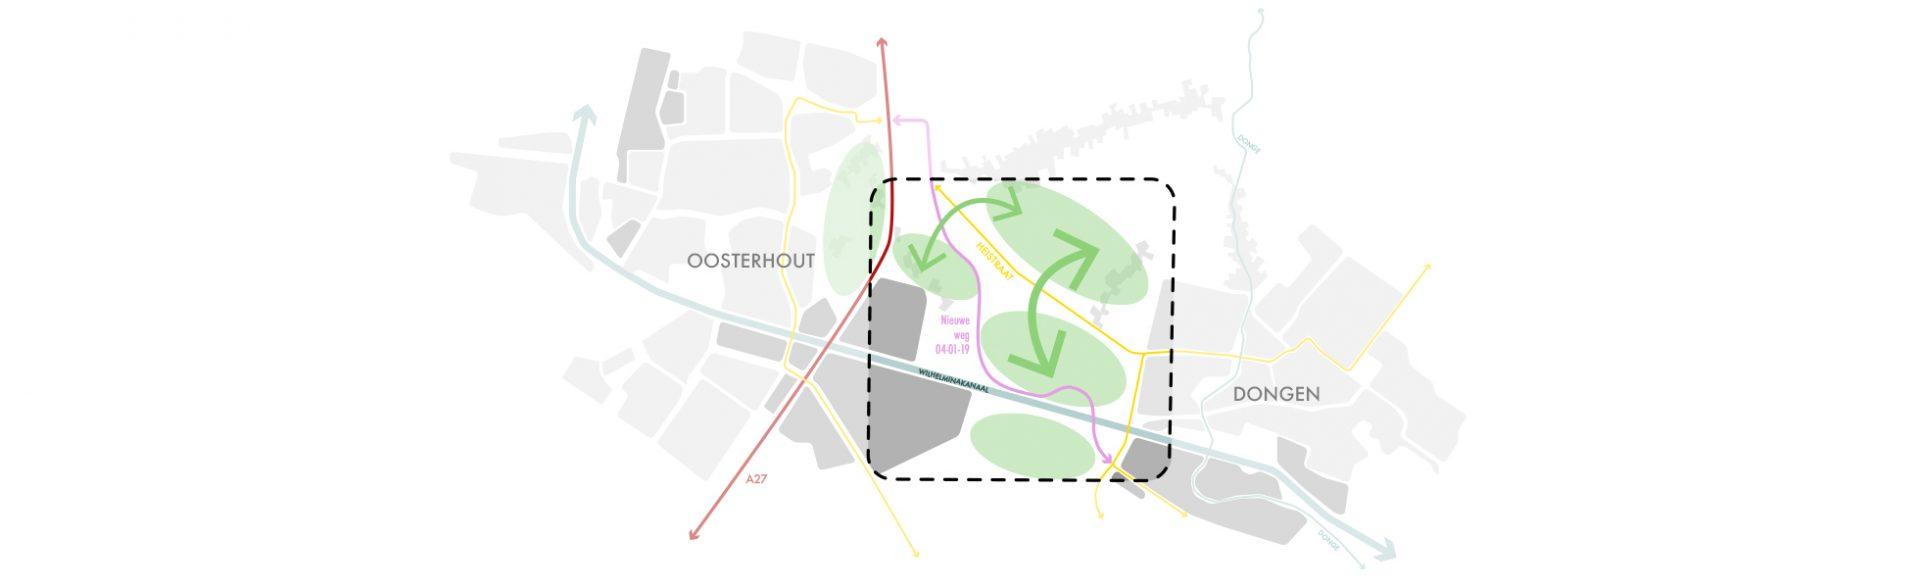 Dromenlab Oosterhout-Dongen